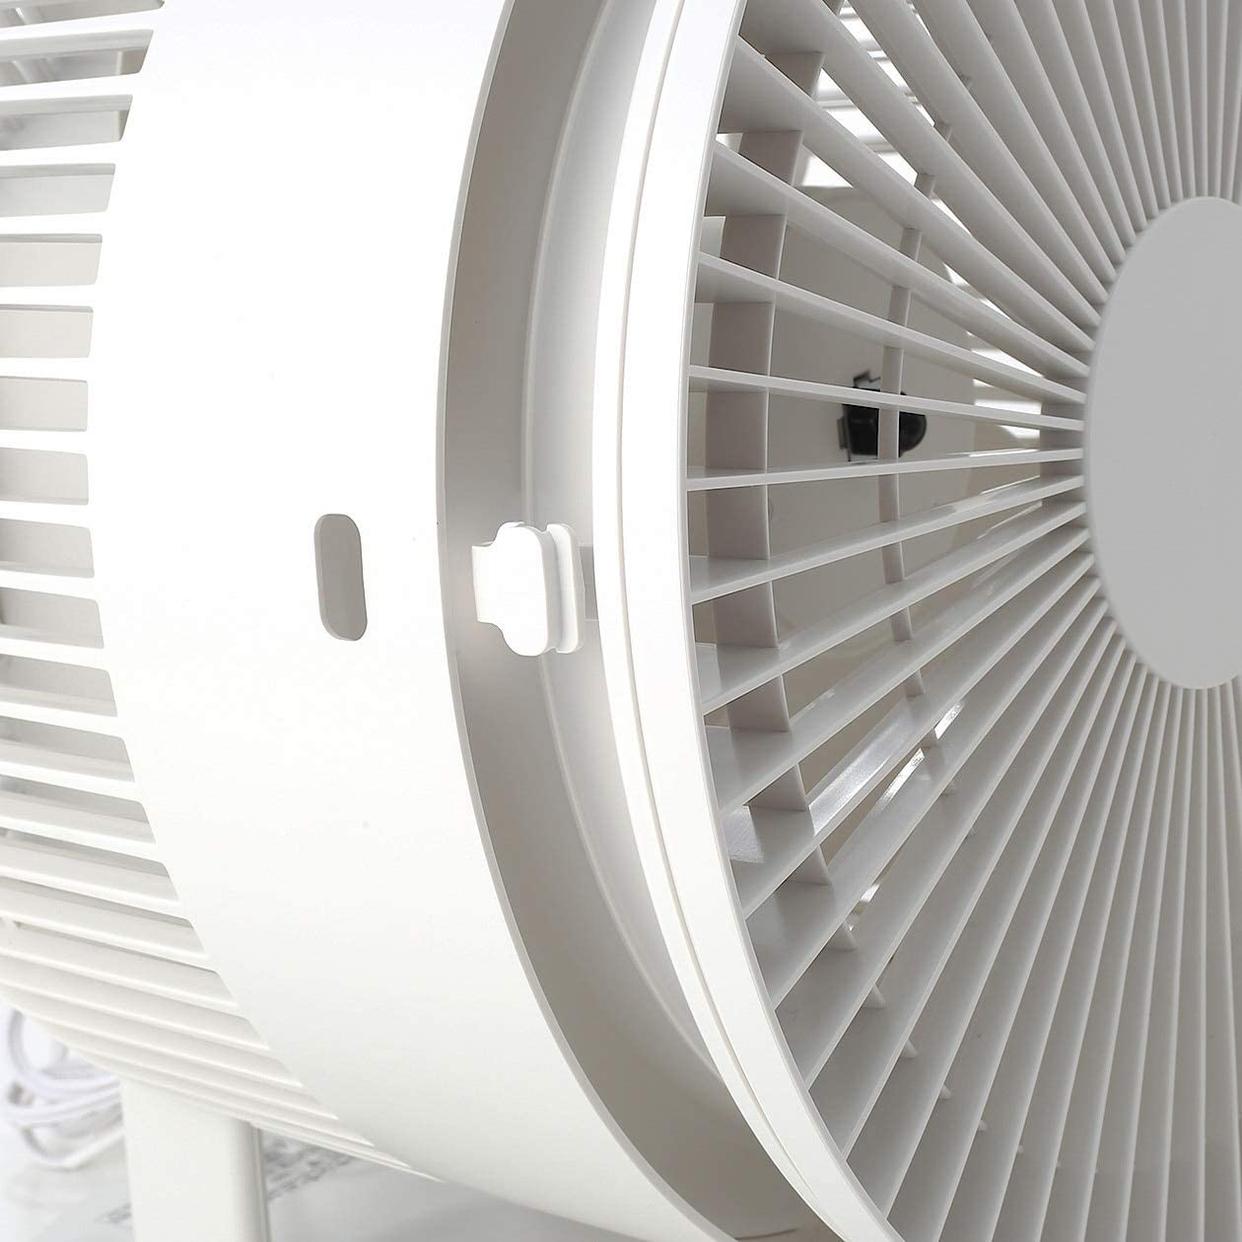 無印良品(MUJI) サーキュレーター(低騒音ファン・大風量タイプ) AT-CF26R-Wの商品画像6